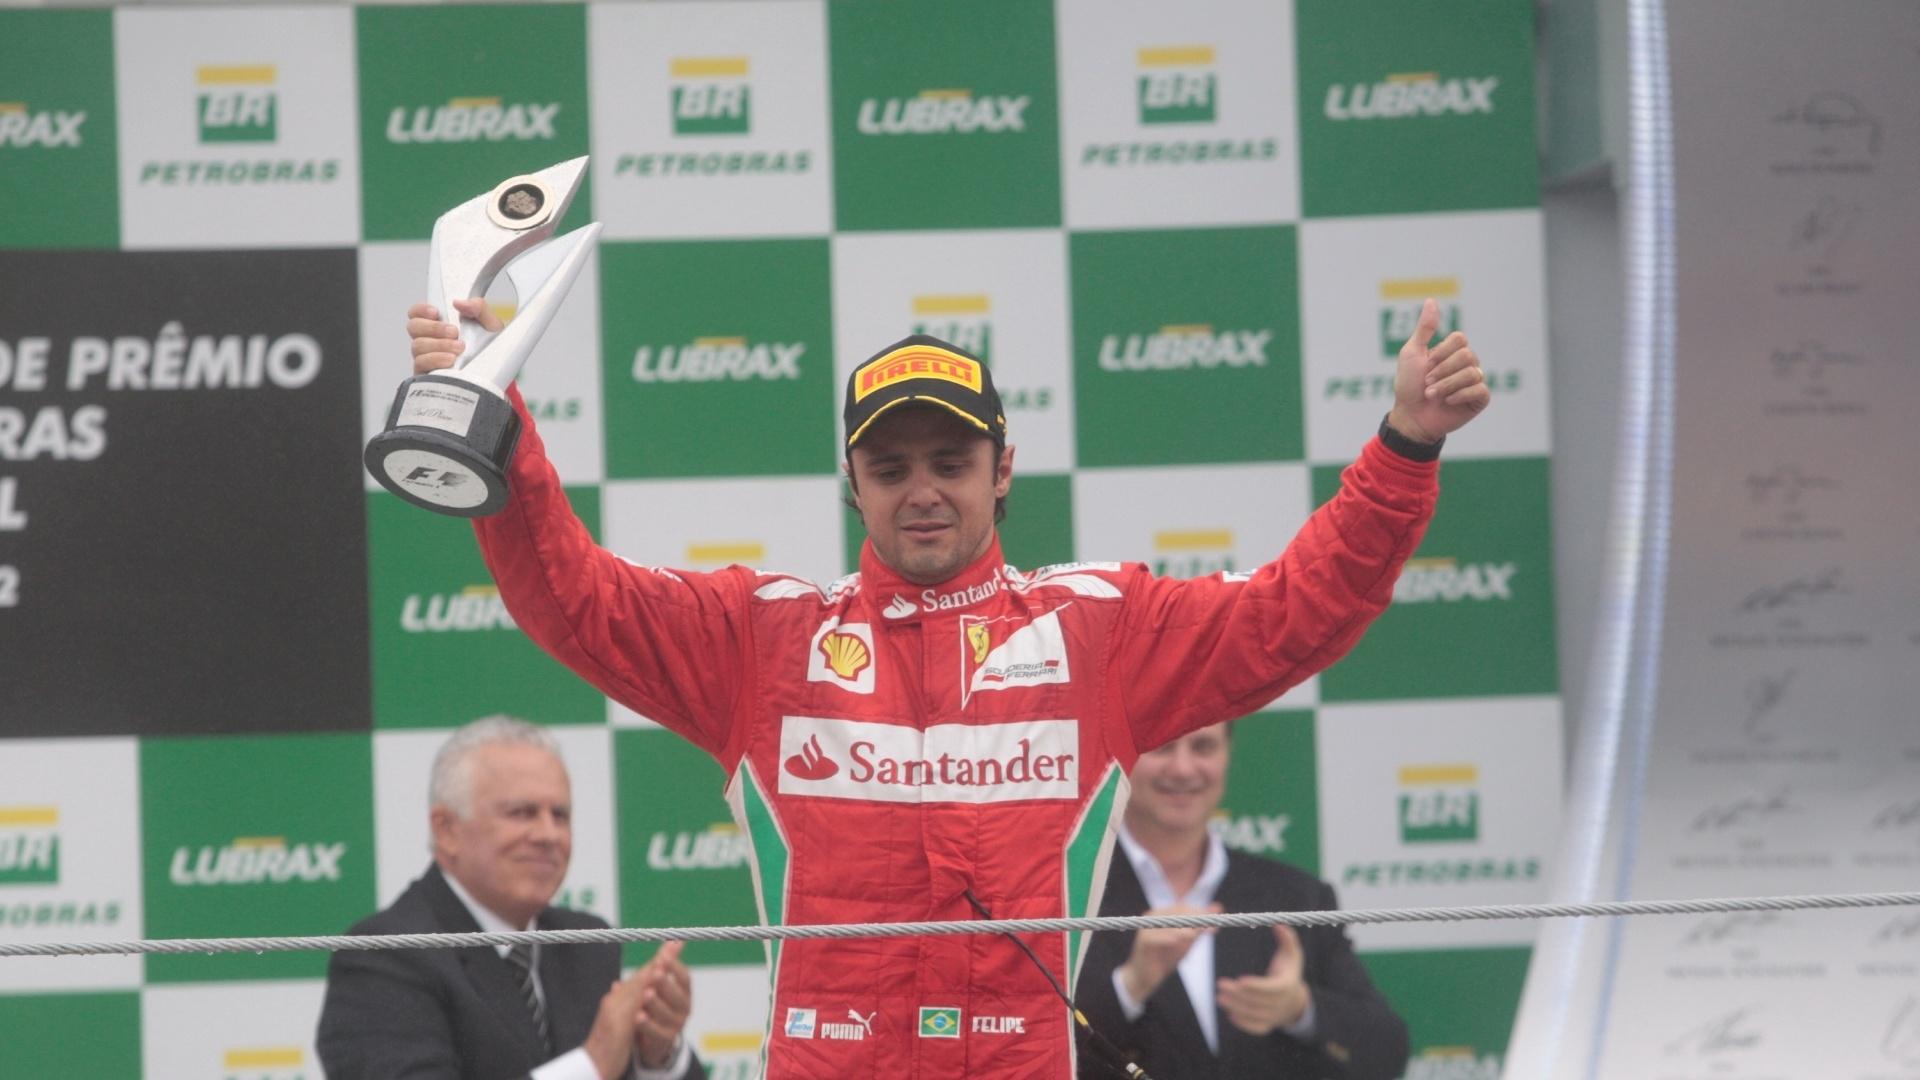 Piloto brasileiro Felipe Massa se emociona no pódio após o terceiro lugar no GP do Brasil